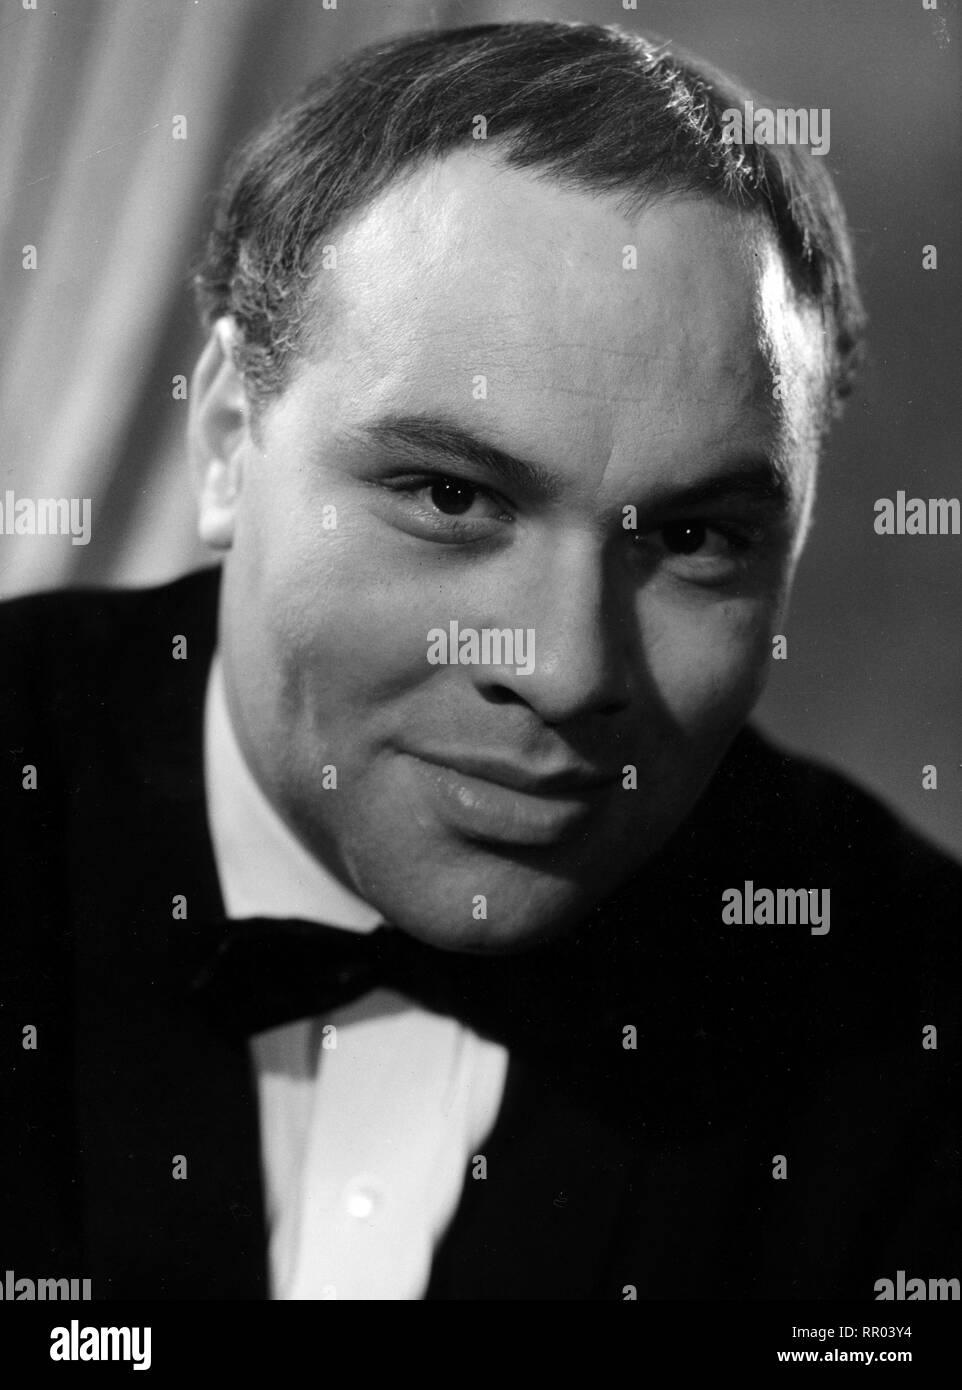 WOLFGANG REICHMANN ZUM 70. GEBURTSTAG / Wolfgang Reichmann wurde am 07.01.1932 in Beuthen/Oberschlesien geboren. Nach dem Abitur studierte er Germanistik und Theaterwissenschaft an der Universität Frankfurt/Main. Am Opernstudio Wiesbaden und am Konservatorium Frankfurt/Main absolvierte er eine Gesangsausbildung. Sein Debüt als Schauspieler hatte er 1953 am Zimmertheater in Wiesbaden. Reichmann wurde durch Auftritte in so erfolgreichen Werken wie 'Amadeus' und dem Musical 'Anatevka' sowie durch zahlreiche TV-Rollen, u. a. in 'Mord am Pool' und 'Vater und Sohn', populär. Am 07.05.1991 verstarb e - Stock Image